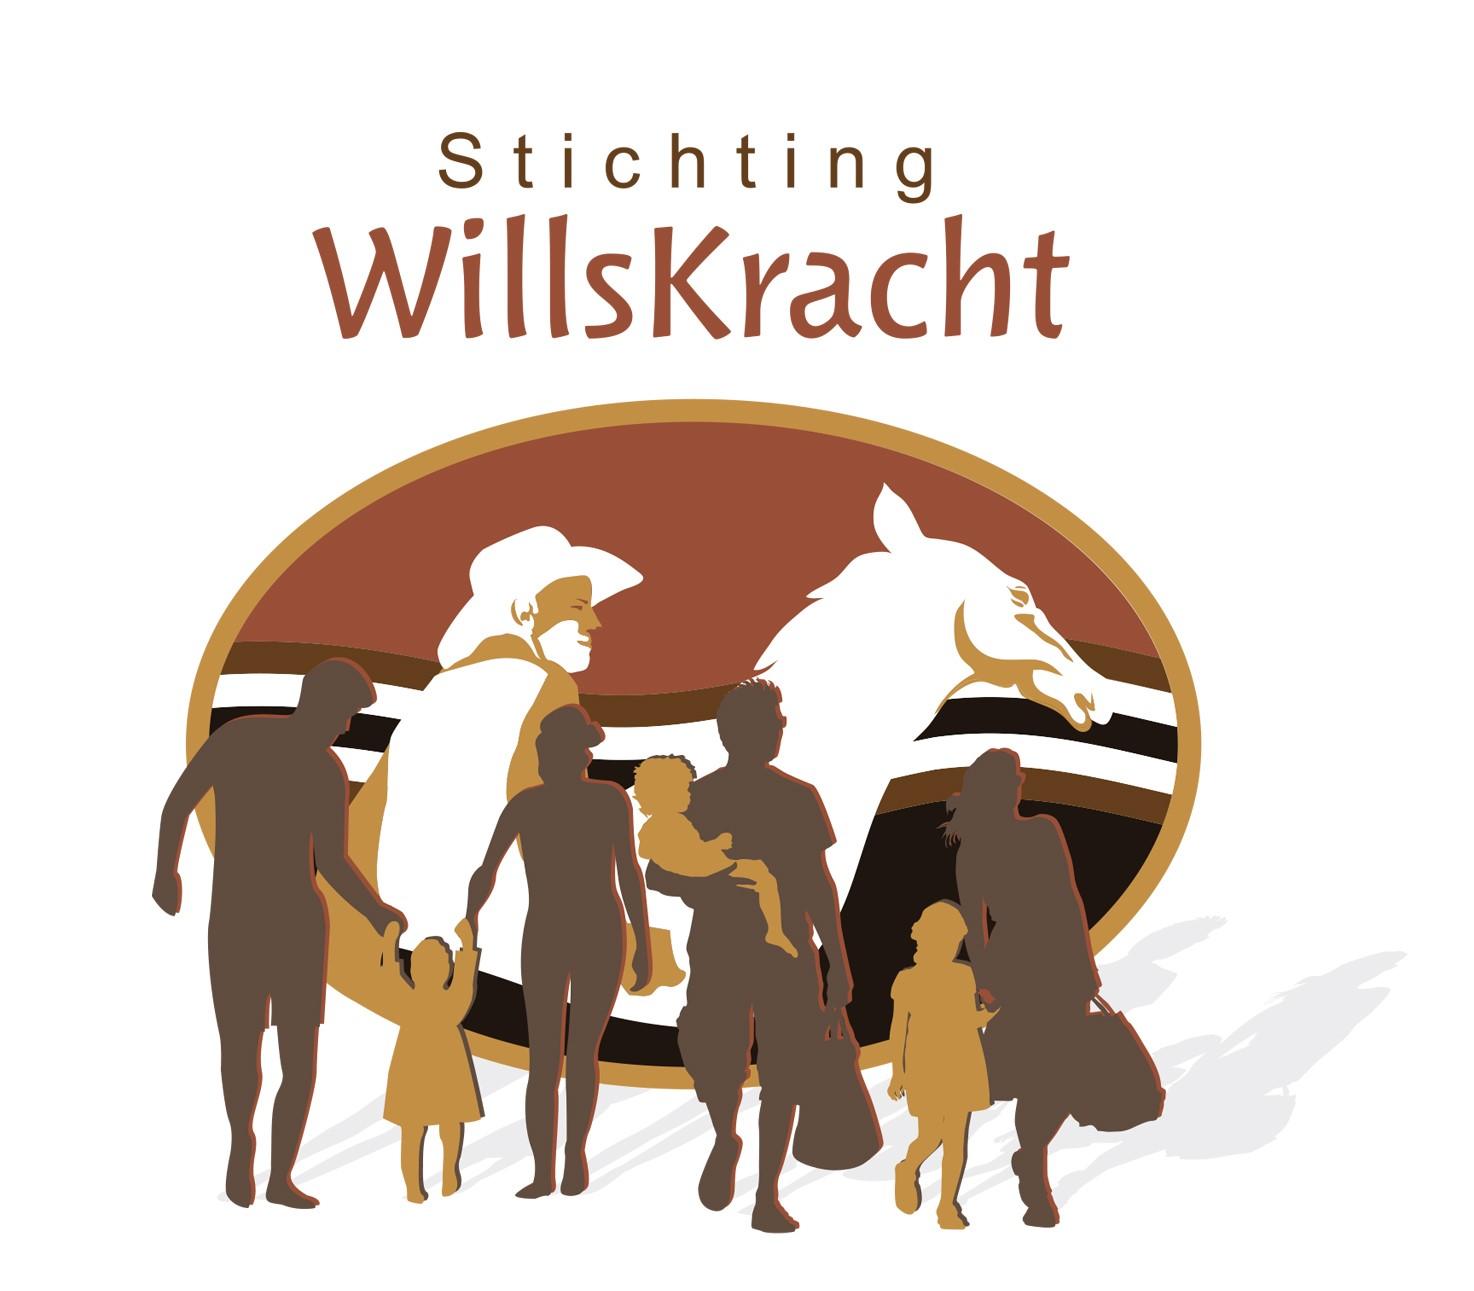 Stichting Willskracht